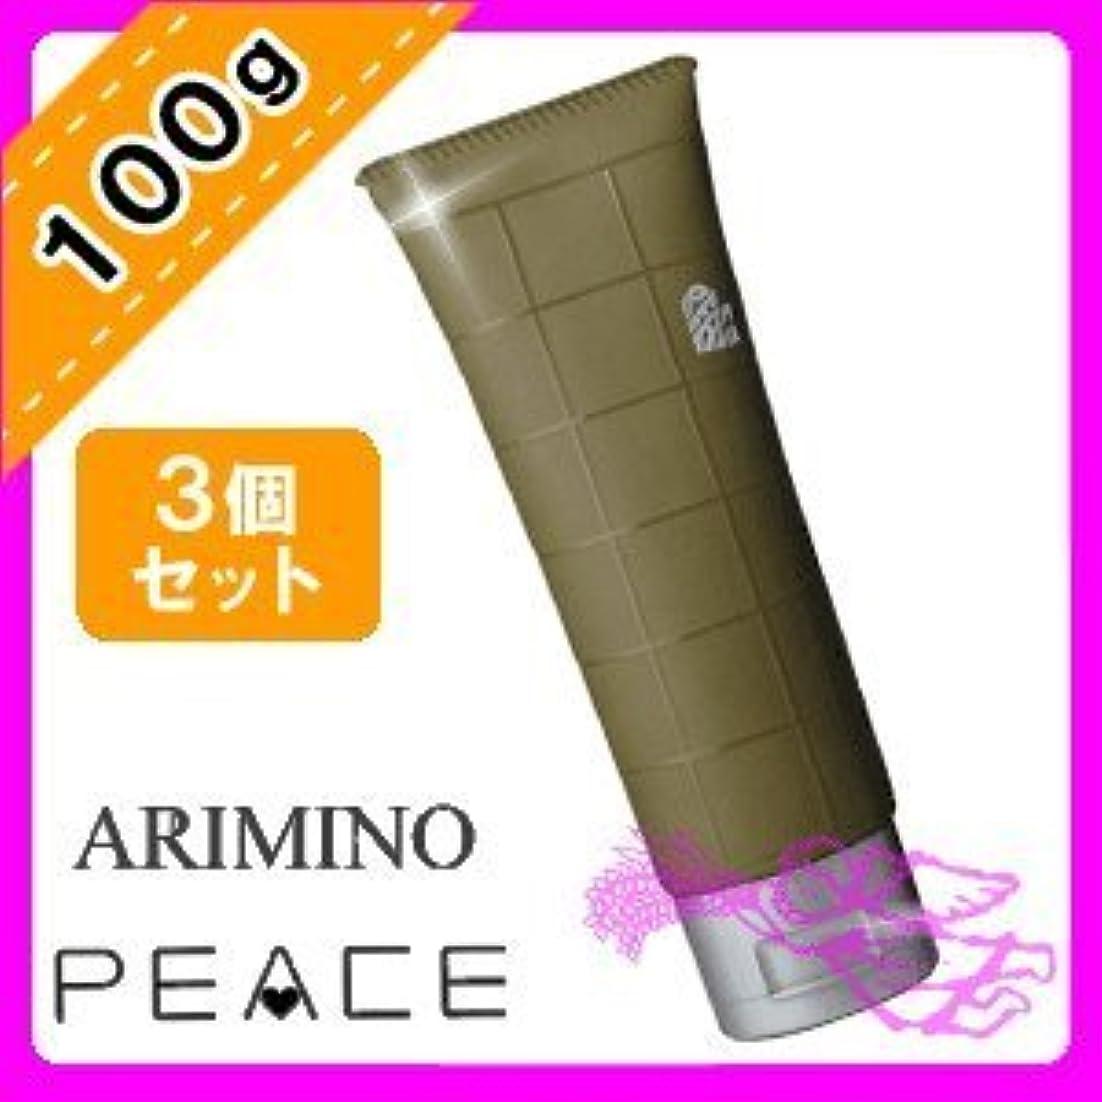 迷信損傷不愉快にアリミノ ピース ウェットオイル ワックス 100g ×3個セット arimino PEACE